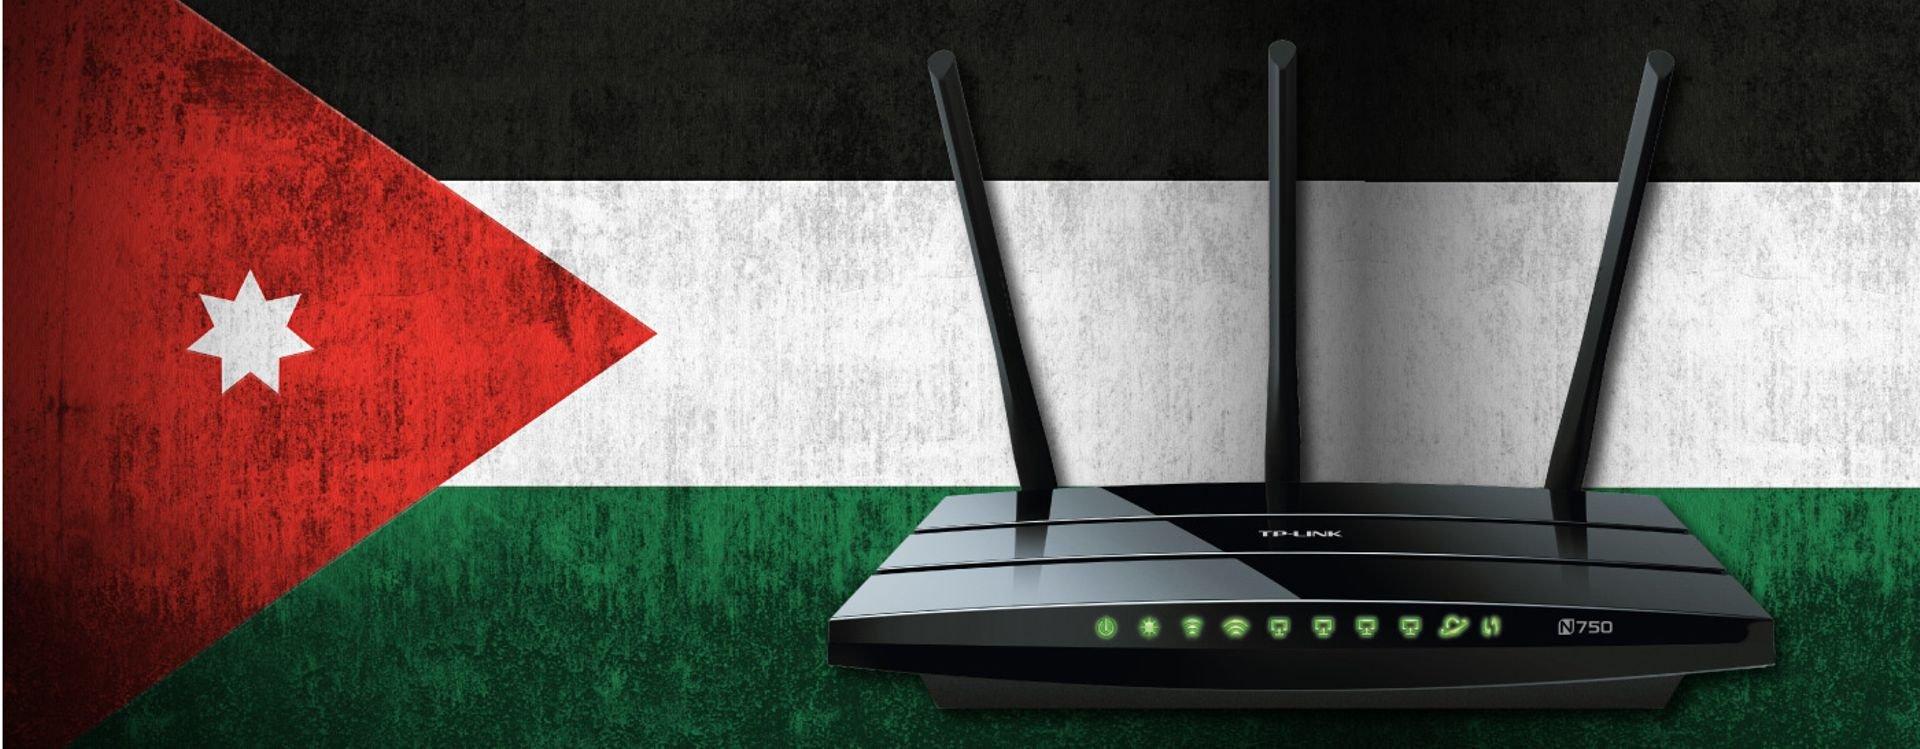 يميل الأفراد في الأردن إلى اقتناء أجهزة راوتر تي بي لينك، بينما تفضّل الشركات أجهزة سيسكو